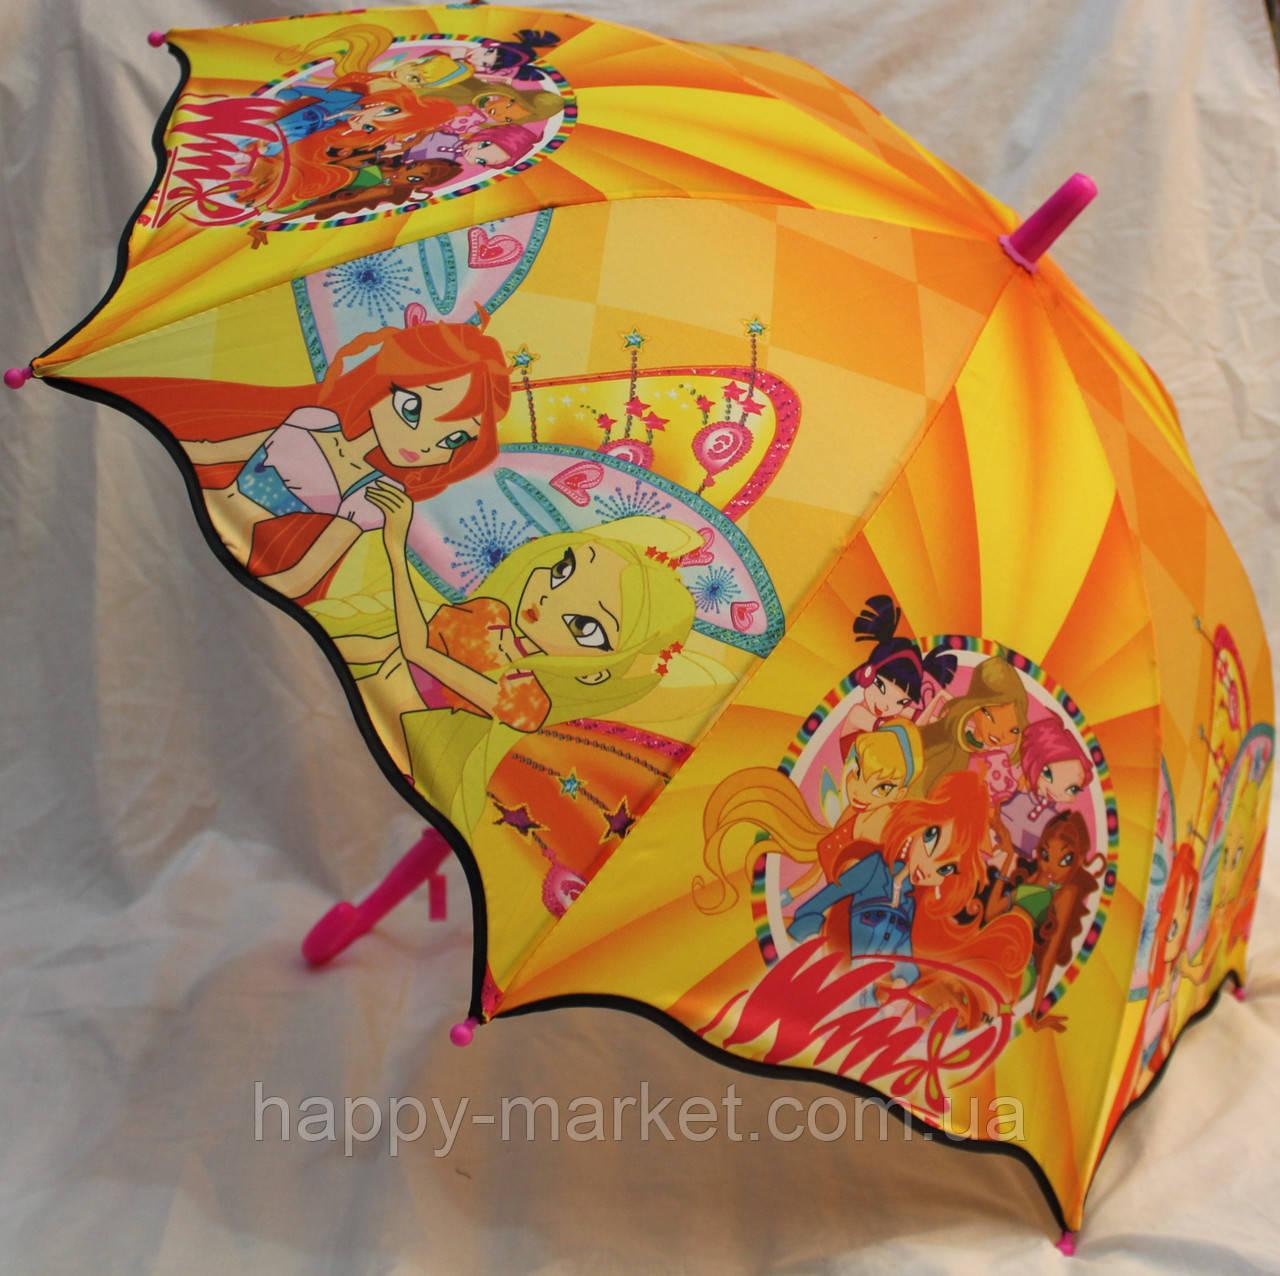 Зонт Детский трость полуавтомат Винкс 18-3132-1 - Интернет-магазин Хеппи Маркет в Харькове